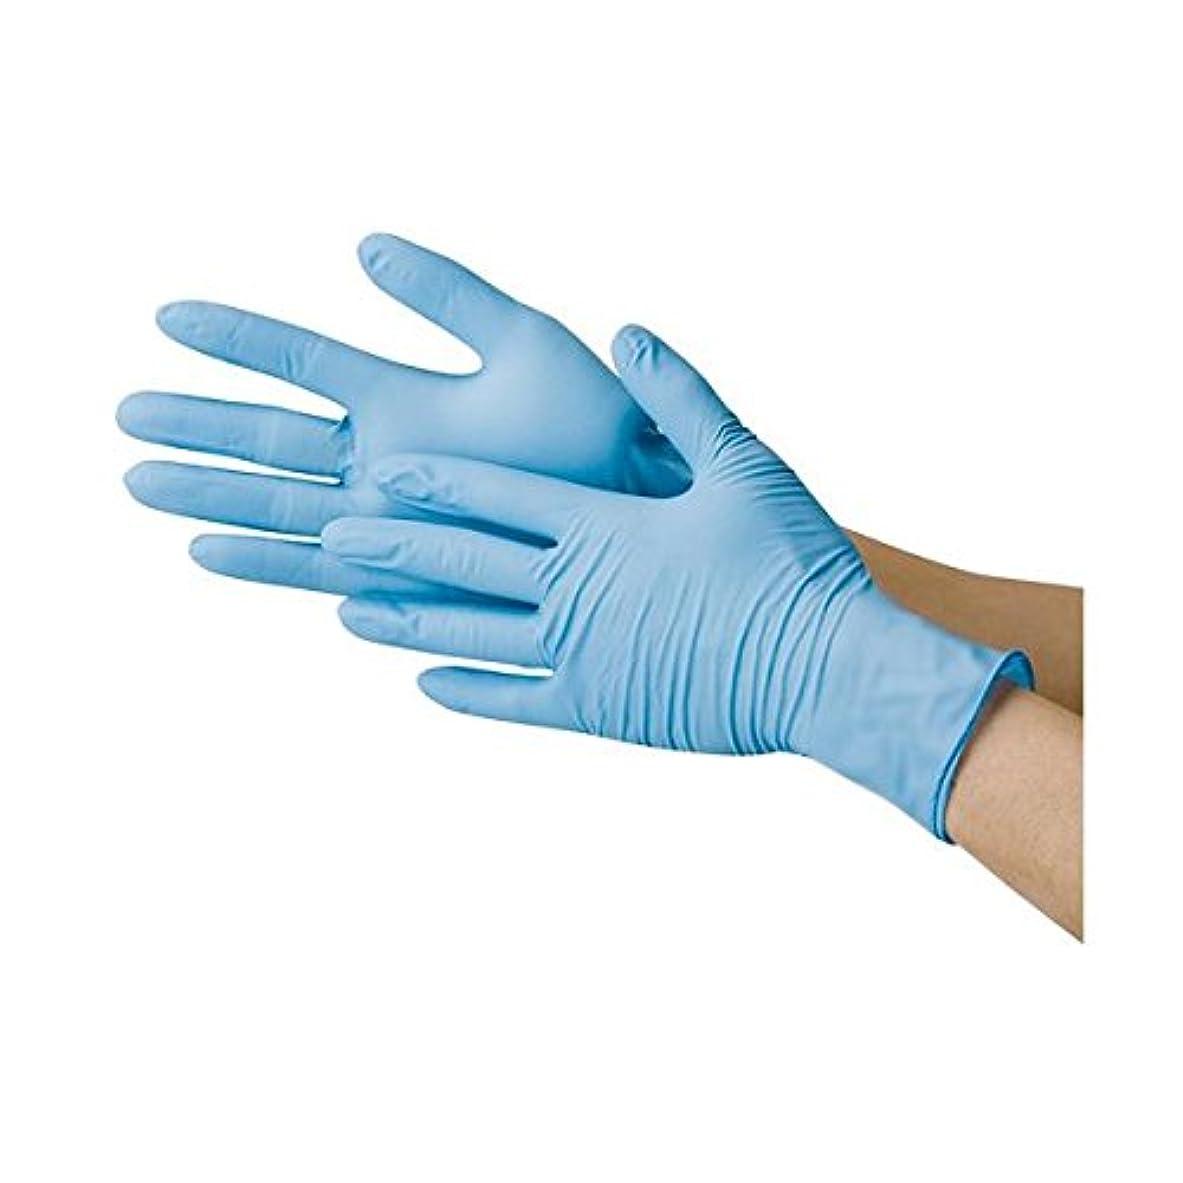 叫ぶ性差別単位(業務用20セット) 川西工業 ニトリル極薄手袋 粉なし BS #2039 Sサイズ ブルー ダイエット 健康 衛生用品 その他の衛生用品 14067381 [並行輸入品]